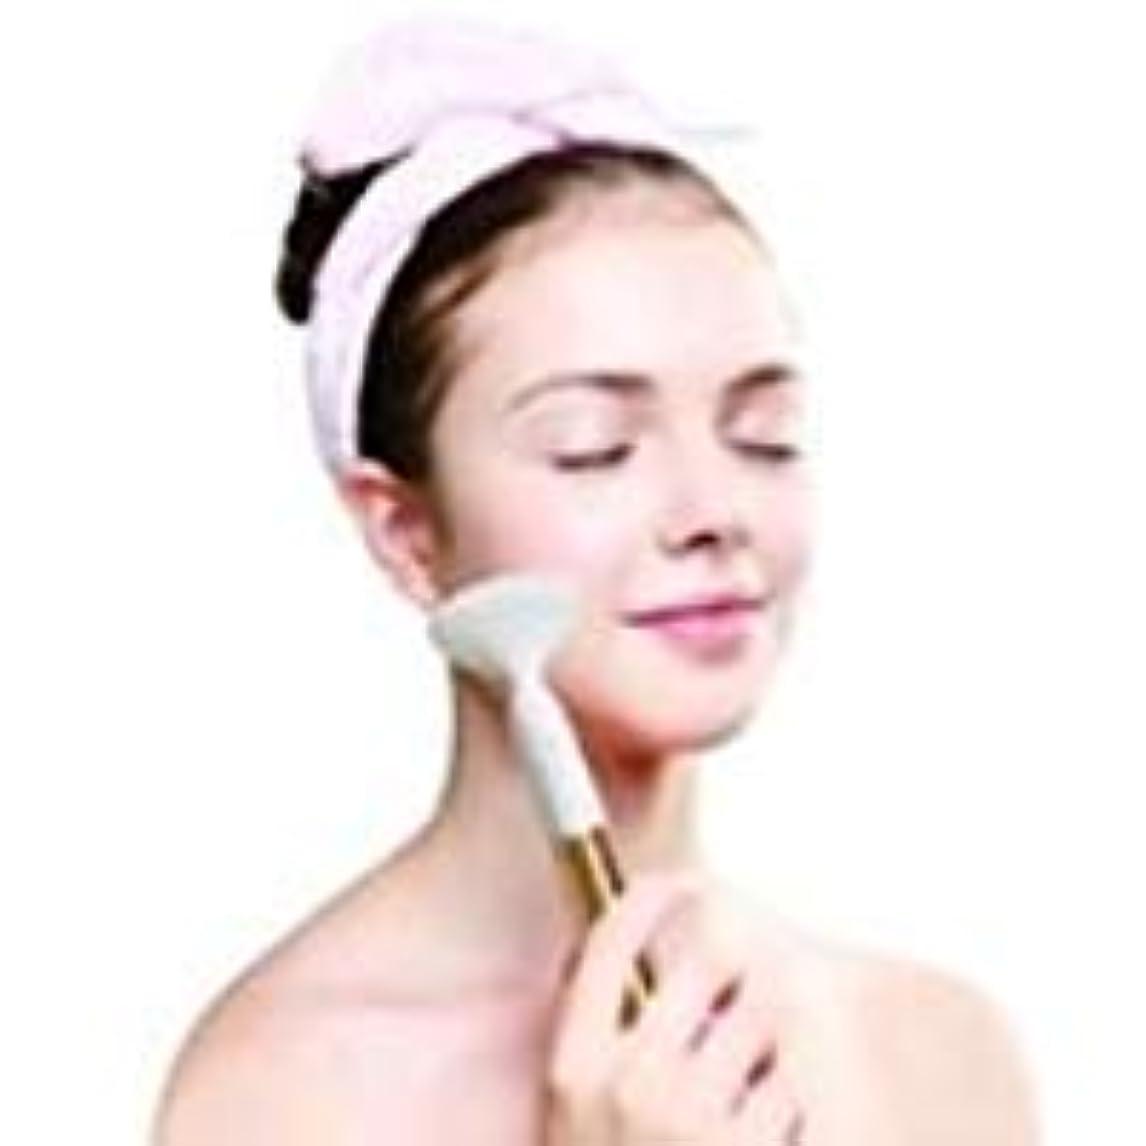 好奇心靴保証するお風呂で美顔 洗顔 防水洗顔 ブラシ FREYA フレイヤ (ゴールド)